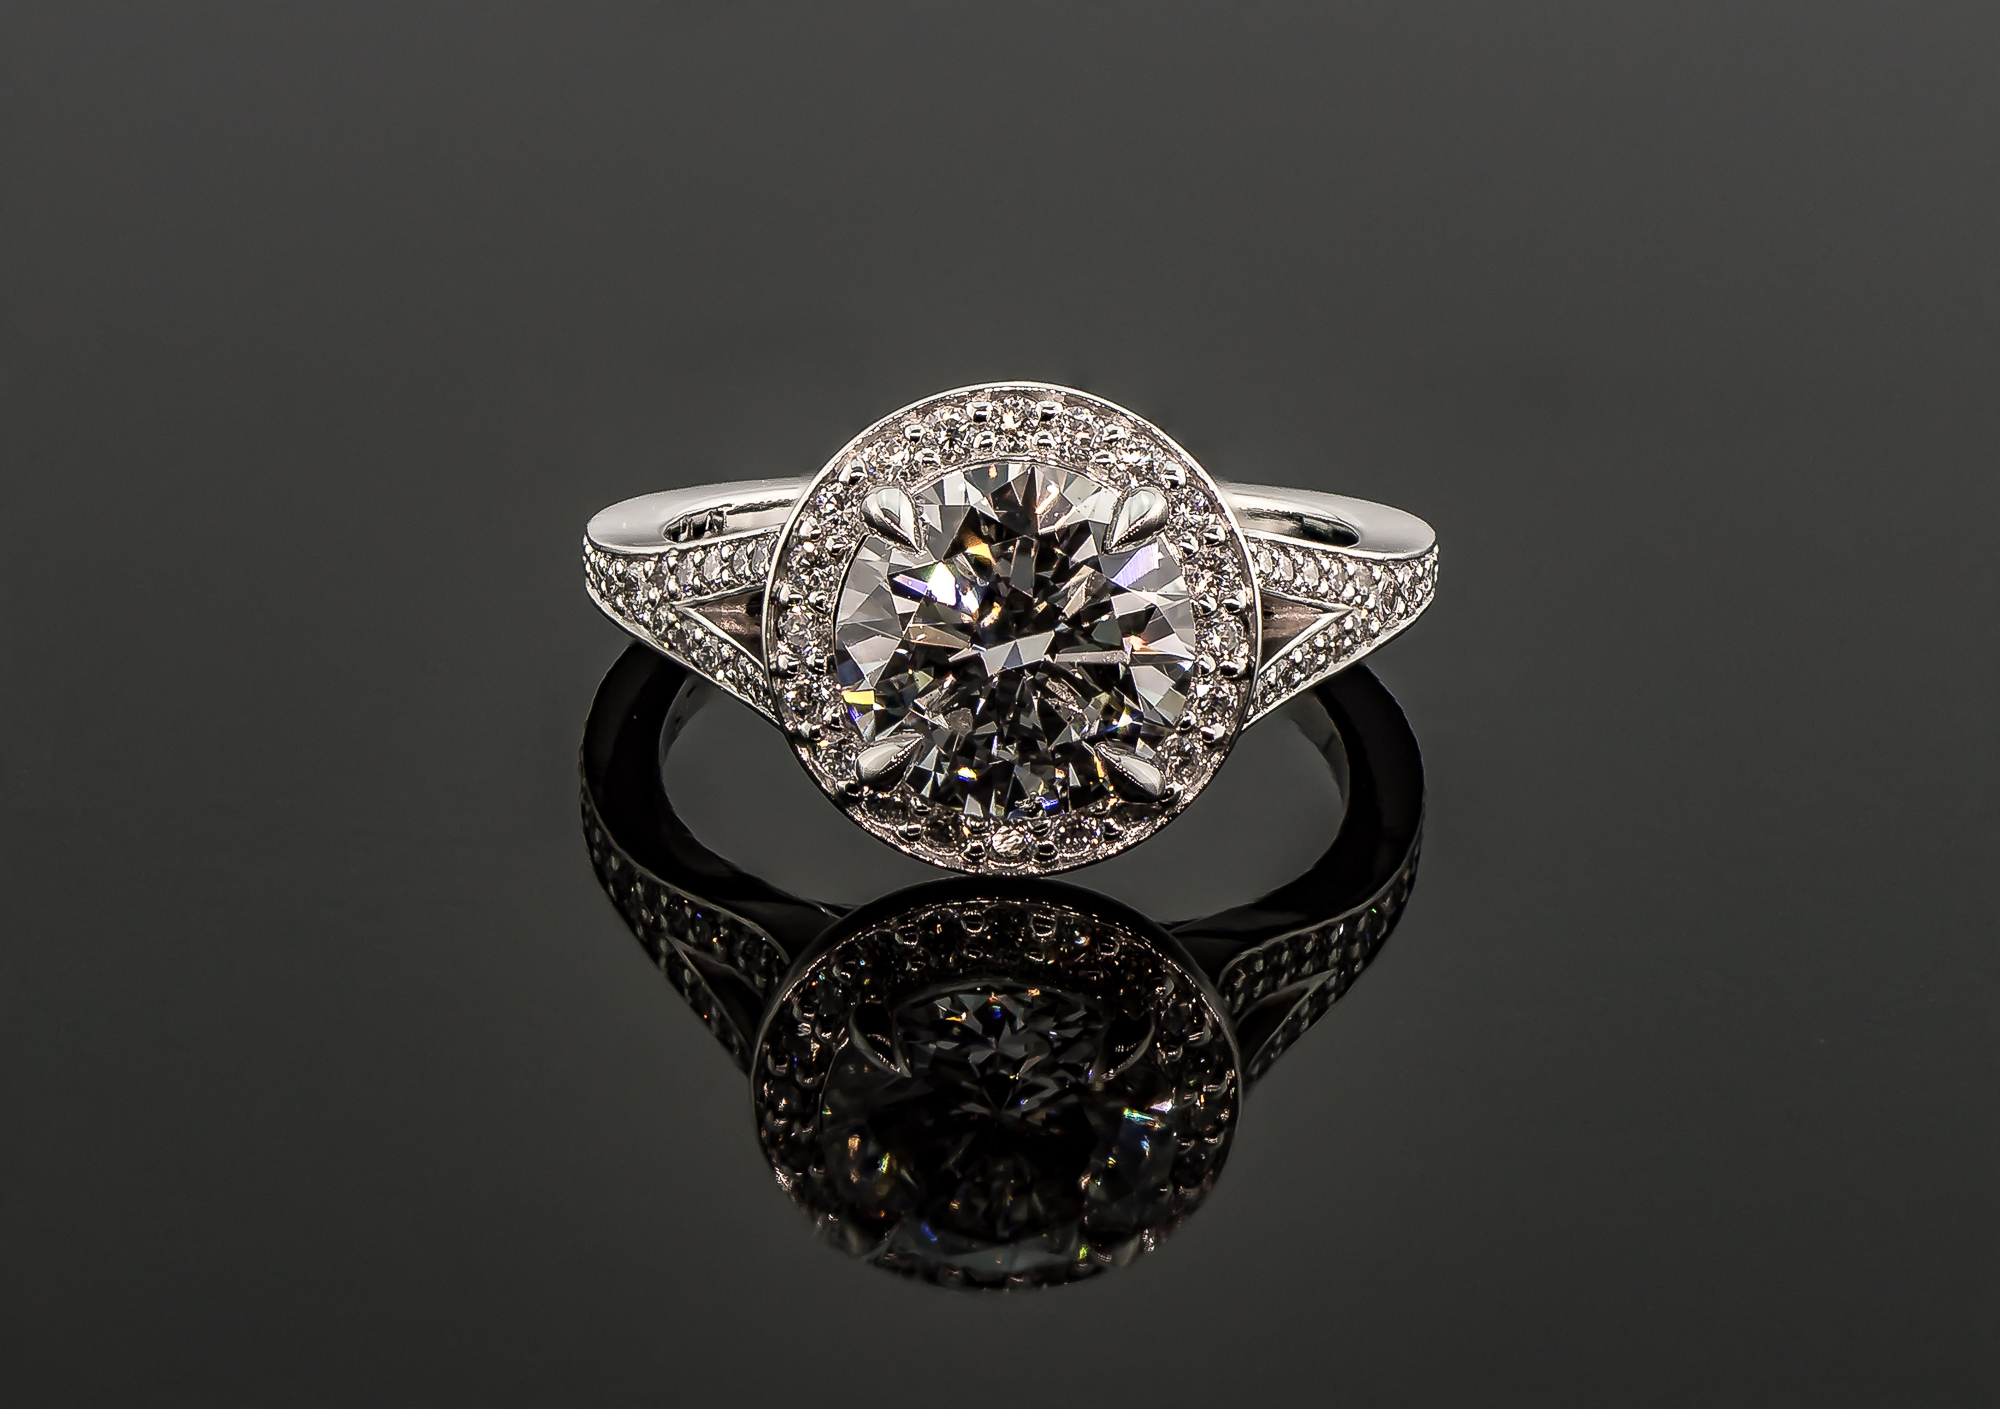 darryls ring-1-3.jpg